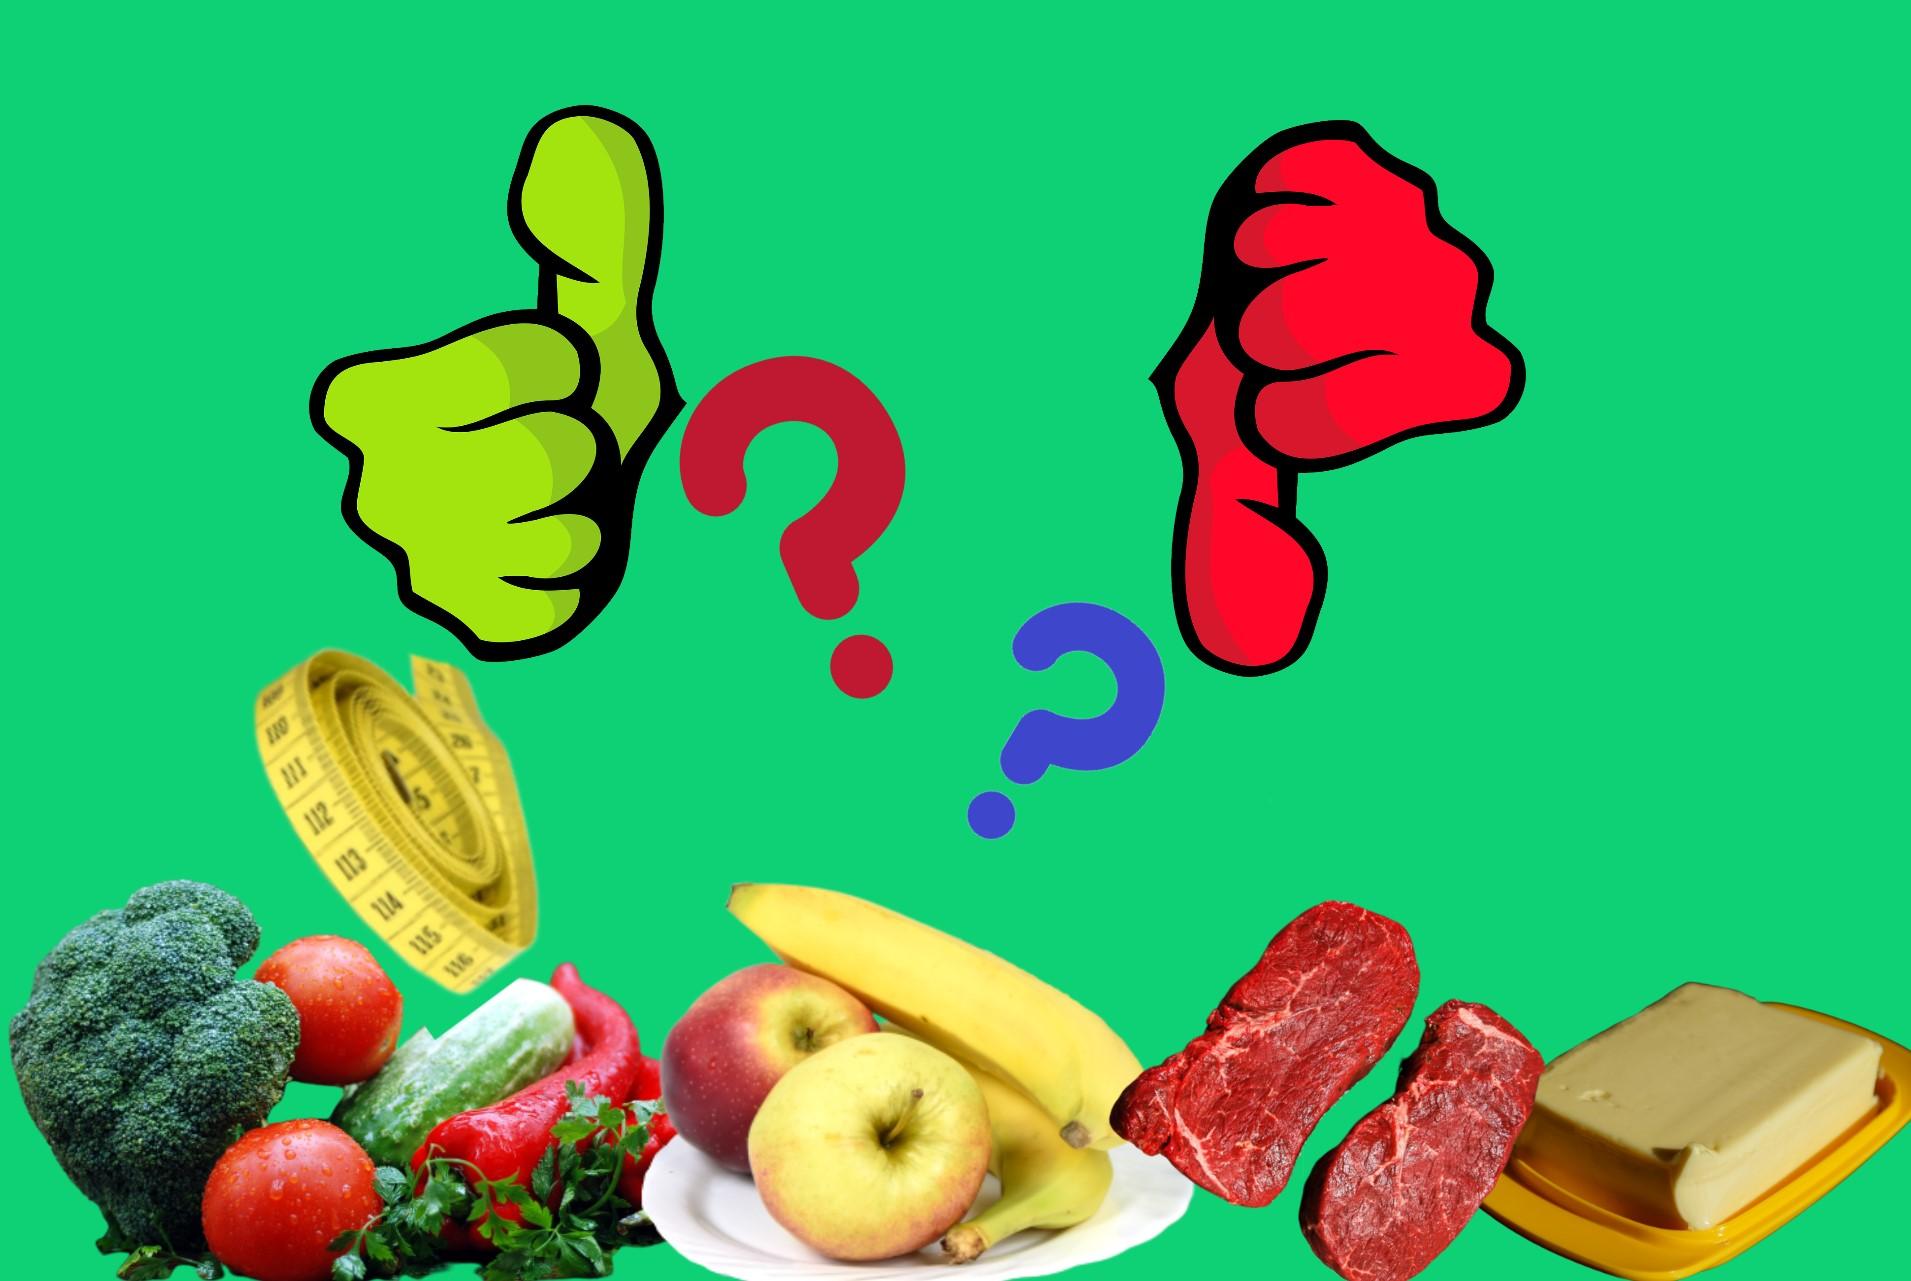 Comment créer son menu pour maigrir efficacement ? (+ 1 journée type de menu pour maigrir sainement !)